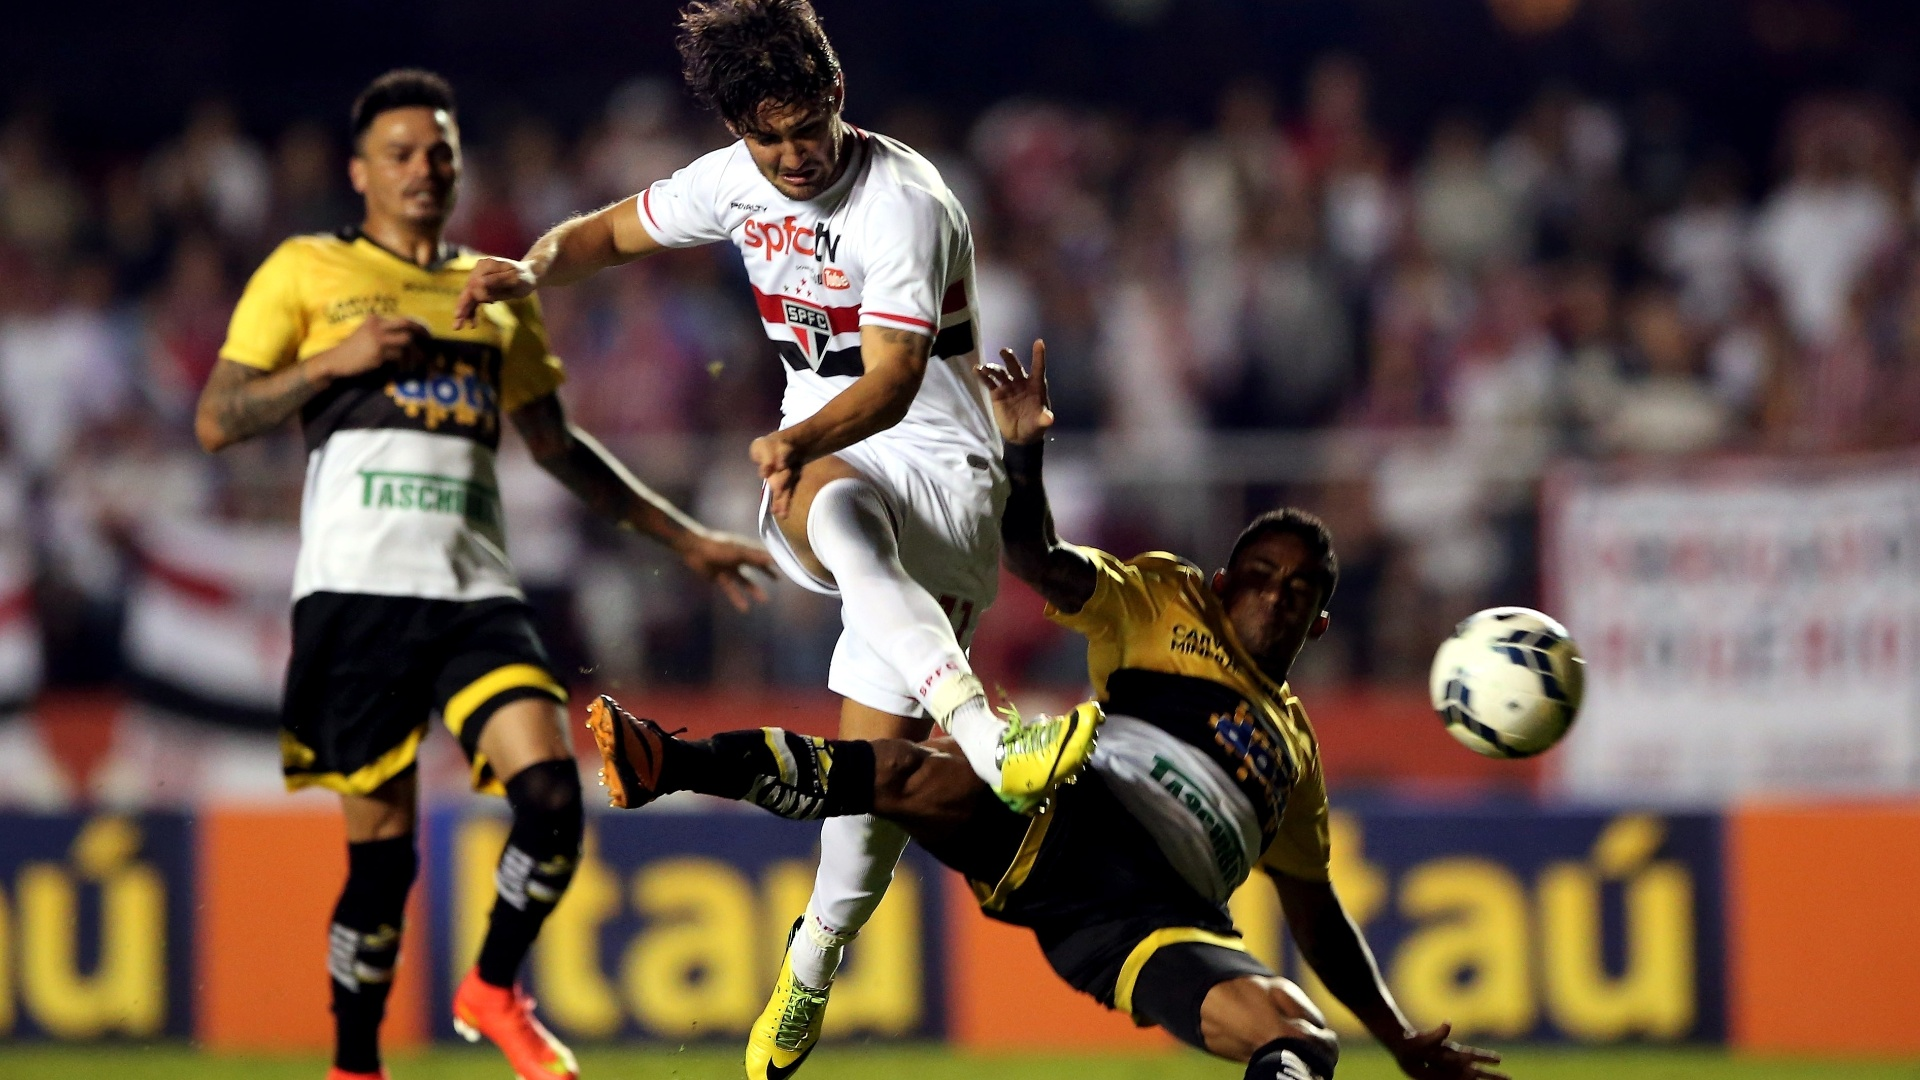 Alexandre Pato tem finalização bloqueada em partida entre São Paulo e Criciúma